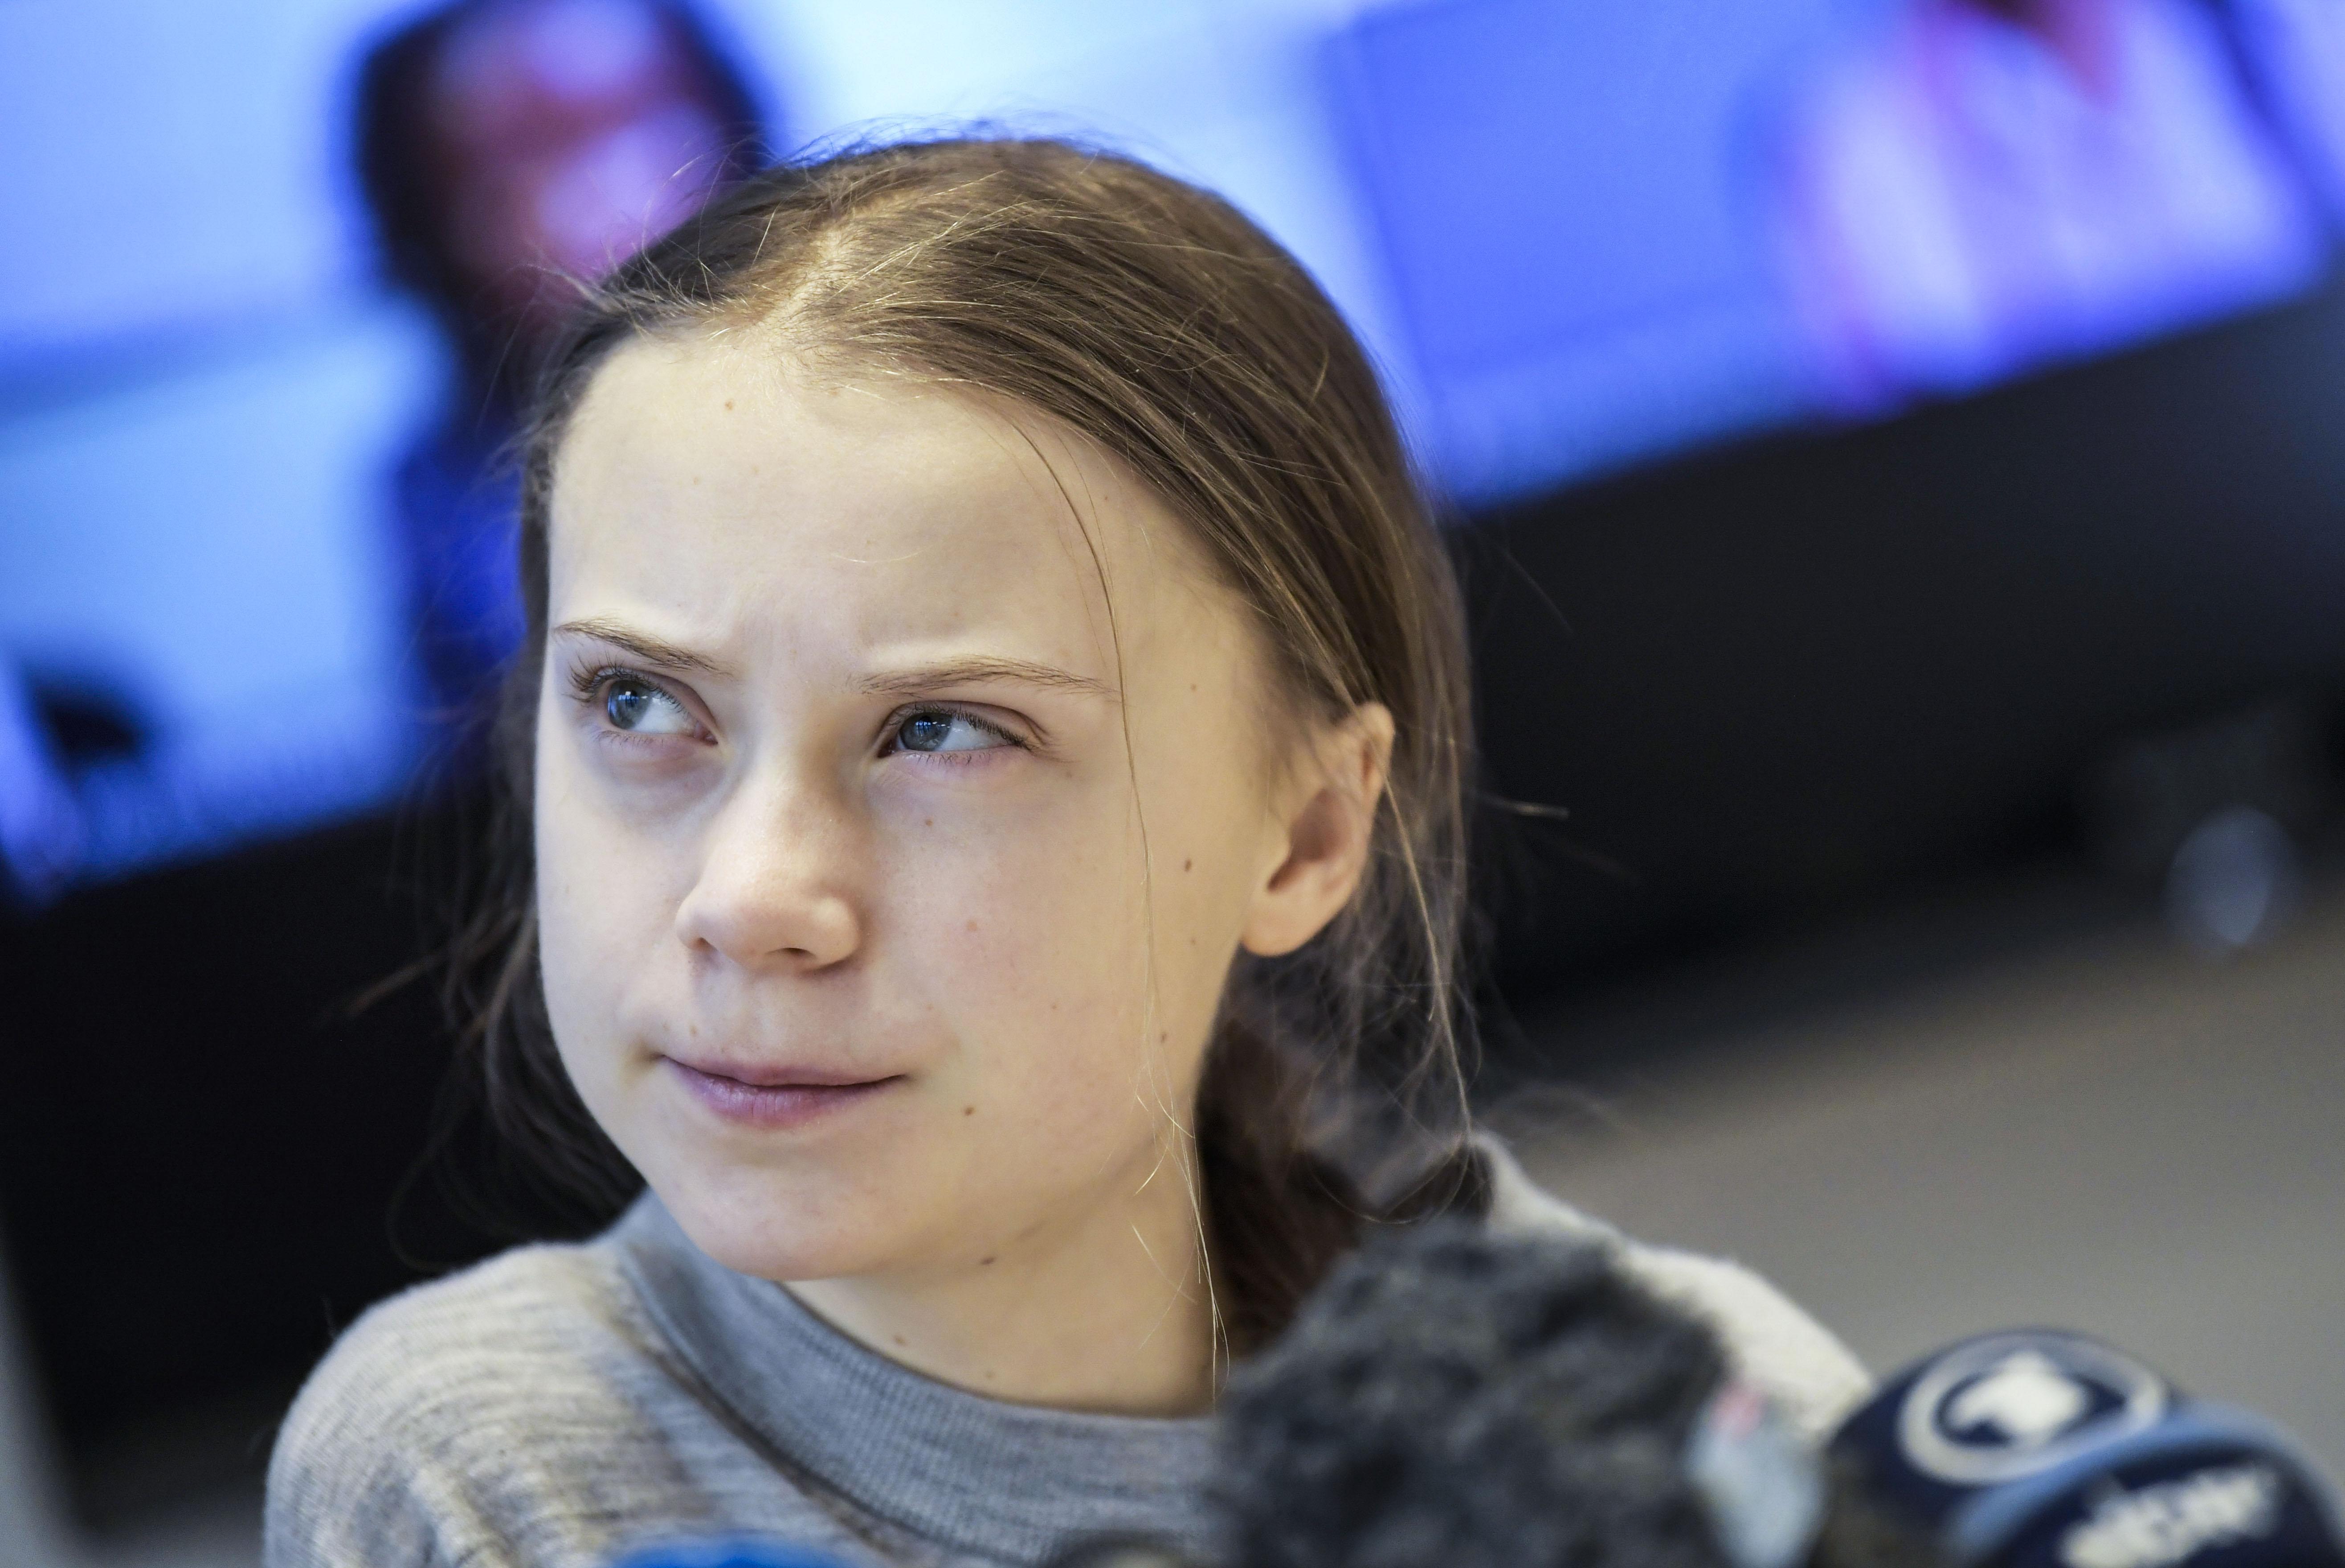 Greta Thunberg nyert egy egymillió eurós díjat, odaadja környezetvédő szervezeteknek